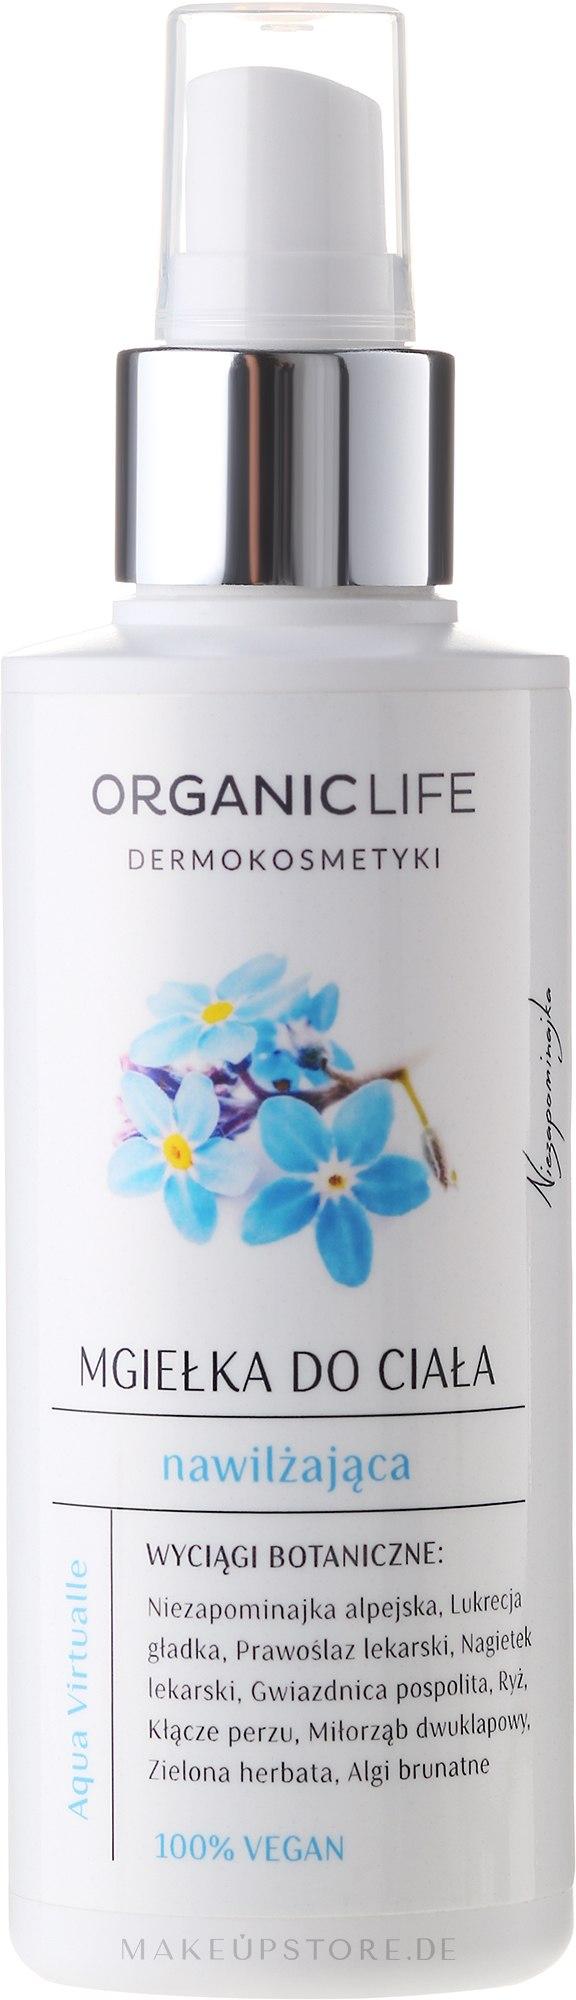 Feuchtigkeitsspendendes Körperspray mit Kräuterextrakten für trockene und empfindliche Haut - Organic Life Dermocosmetics Aqua Virtualle Body Mist — Bild 150 ml